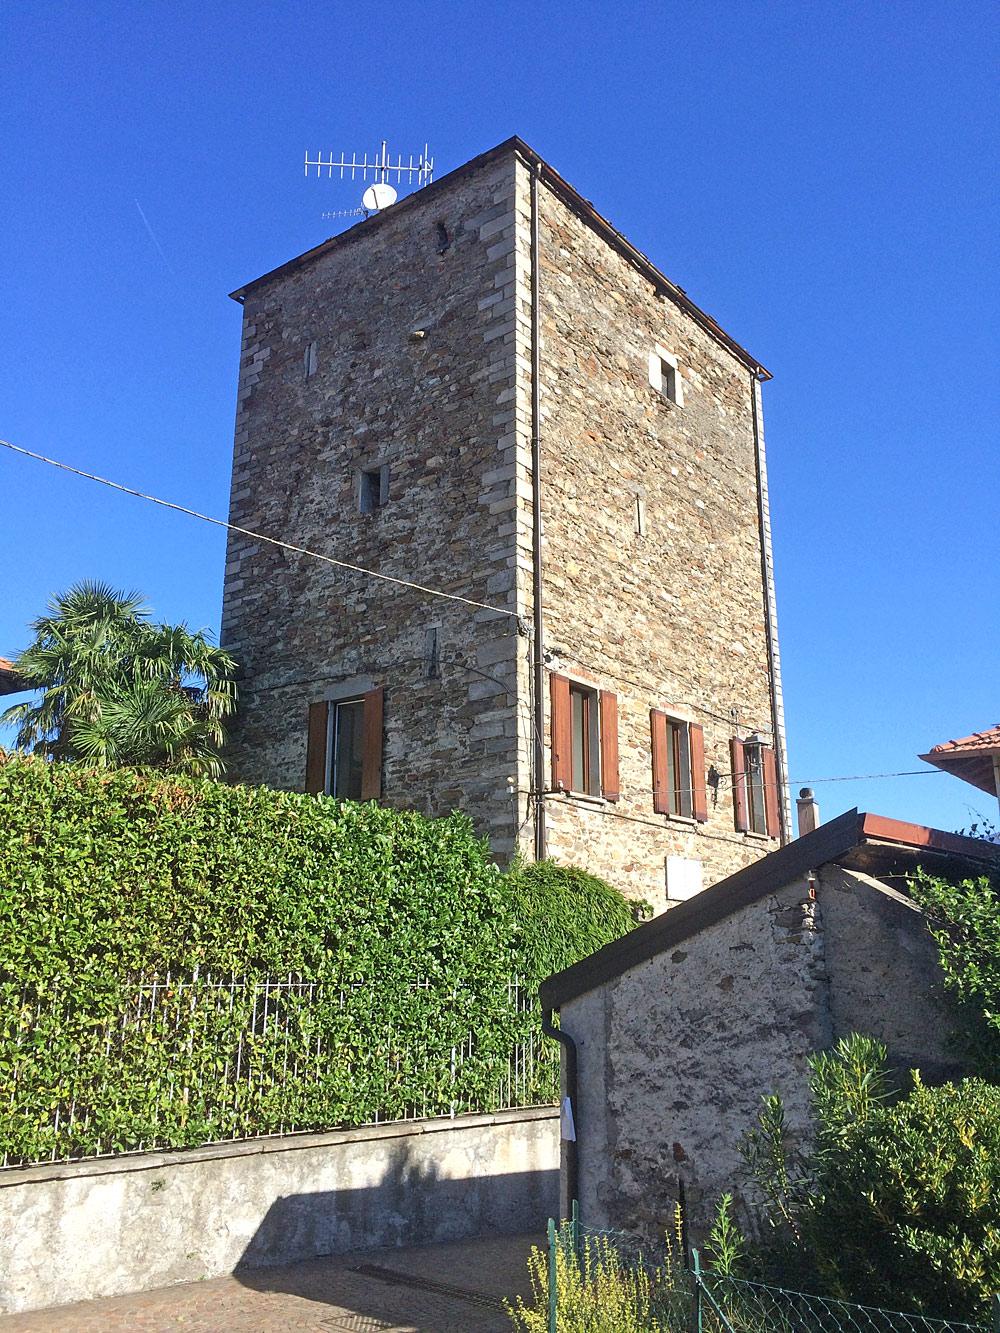 Blick auf den mittelalterlichen Turm von Pino